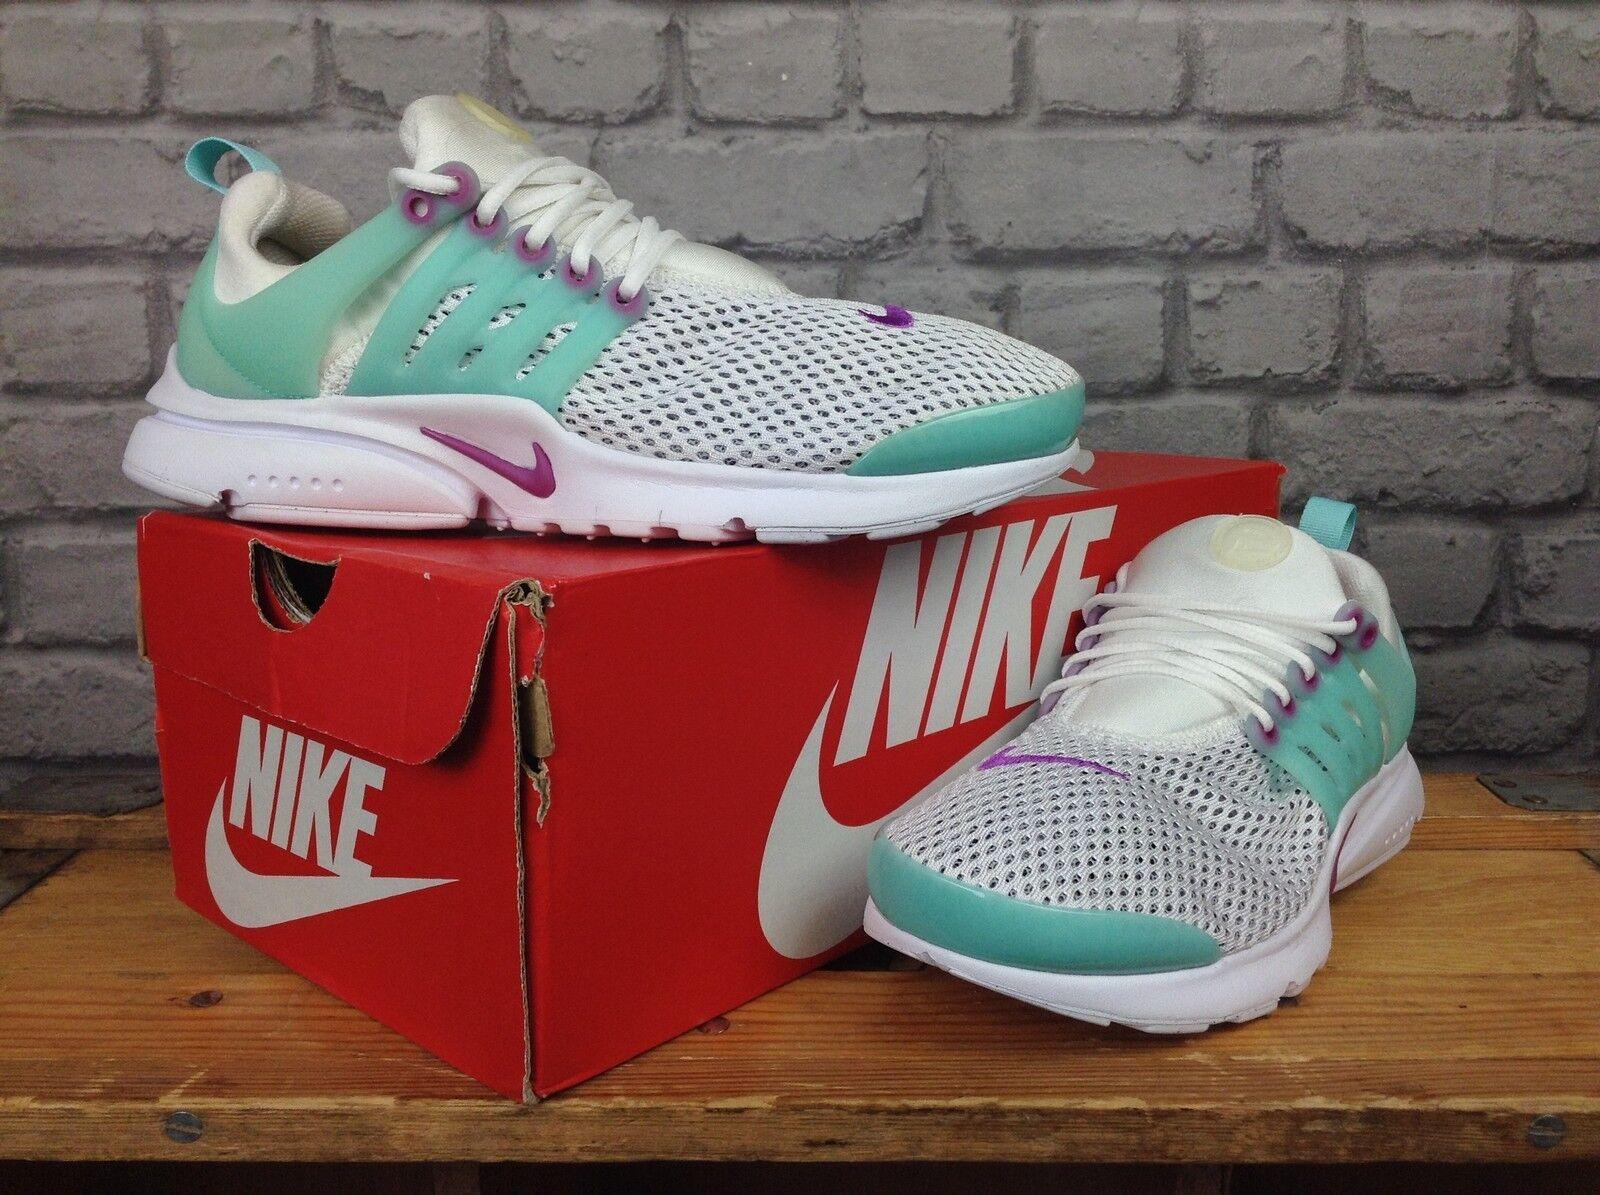 Nike Nike Nike UK 5.5 EU 38.5 blancoo verde Morado presto BR Entrenadores Para Niñas Damas Para Niños  moda clasica